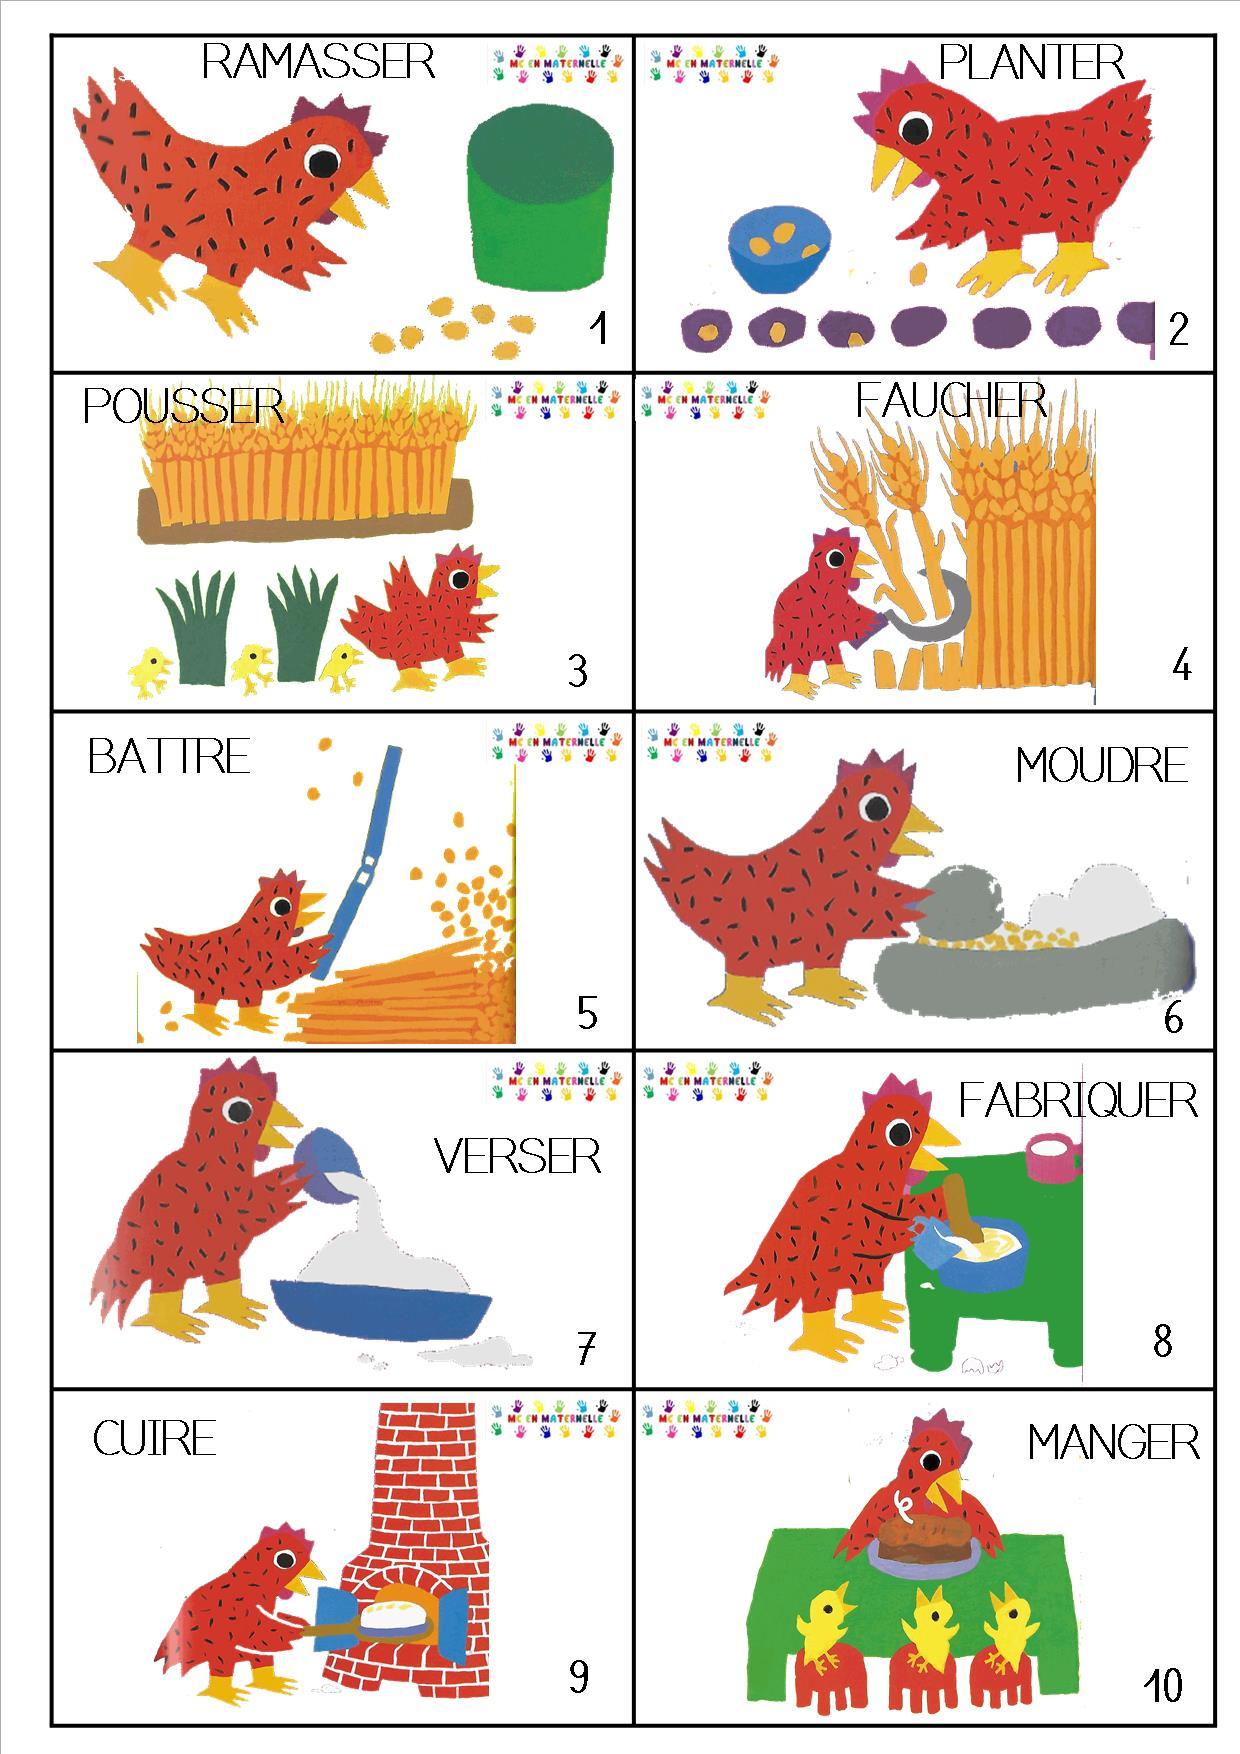 La Petite Poule Rousse Maternelle : petite, poule, rousse, maternelle, Petite, Poule, Rousse, Remettre, Actions, L'ordre, L'histoire, Maternelle